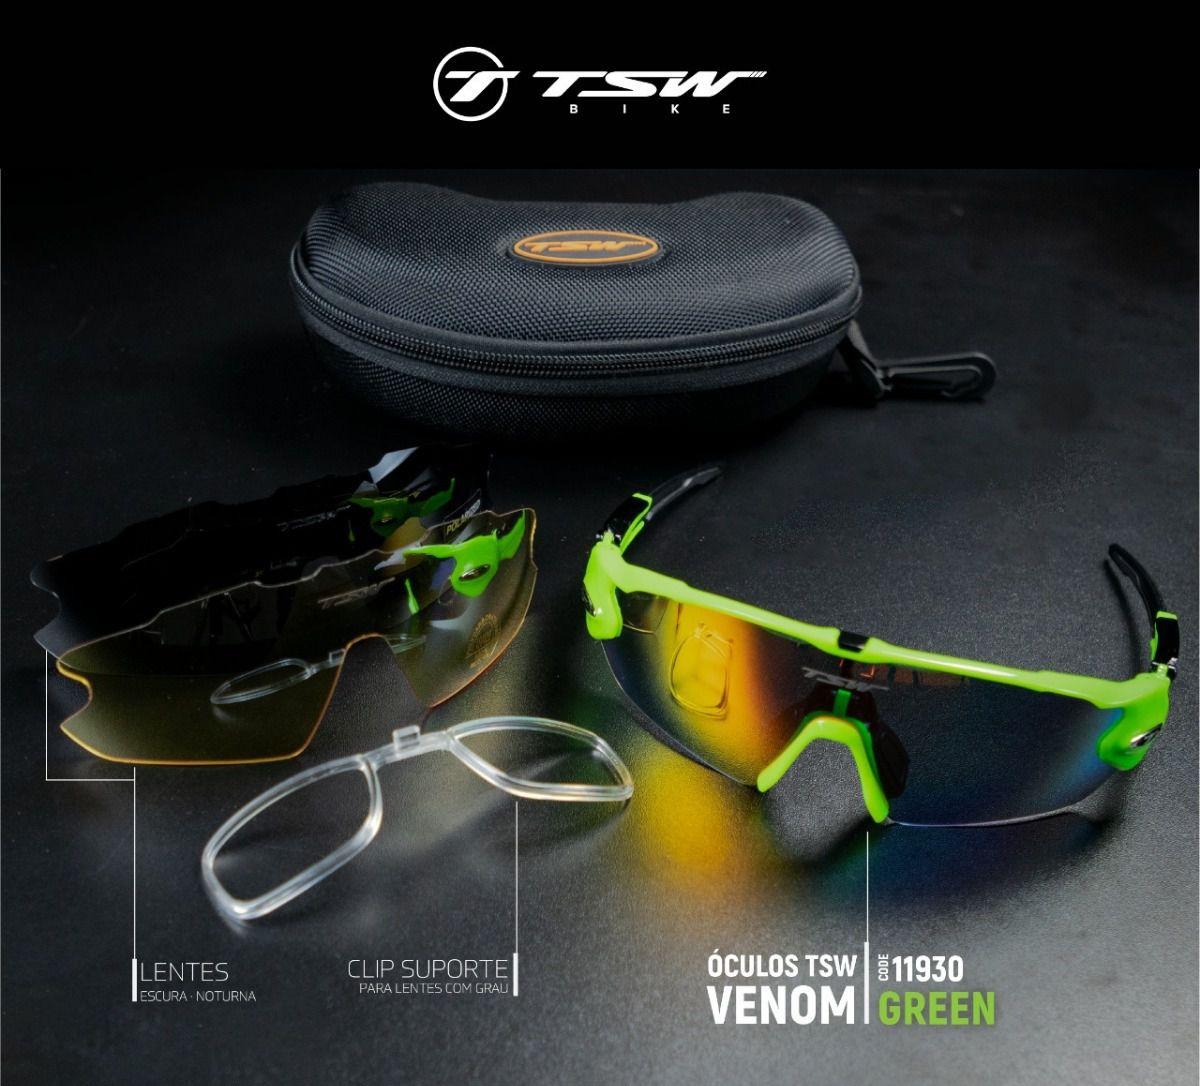 4560df34c3 Óculos De Ciclismo Tsw Venon Mtb 3 Lentes Com Proteção Uv 400 ...